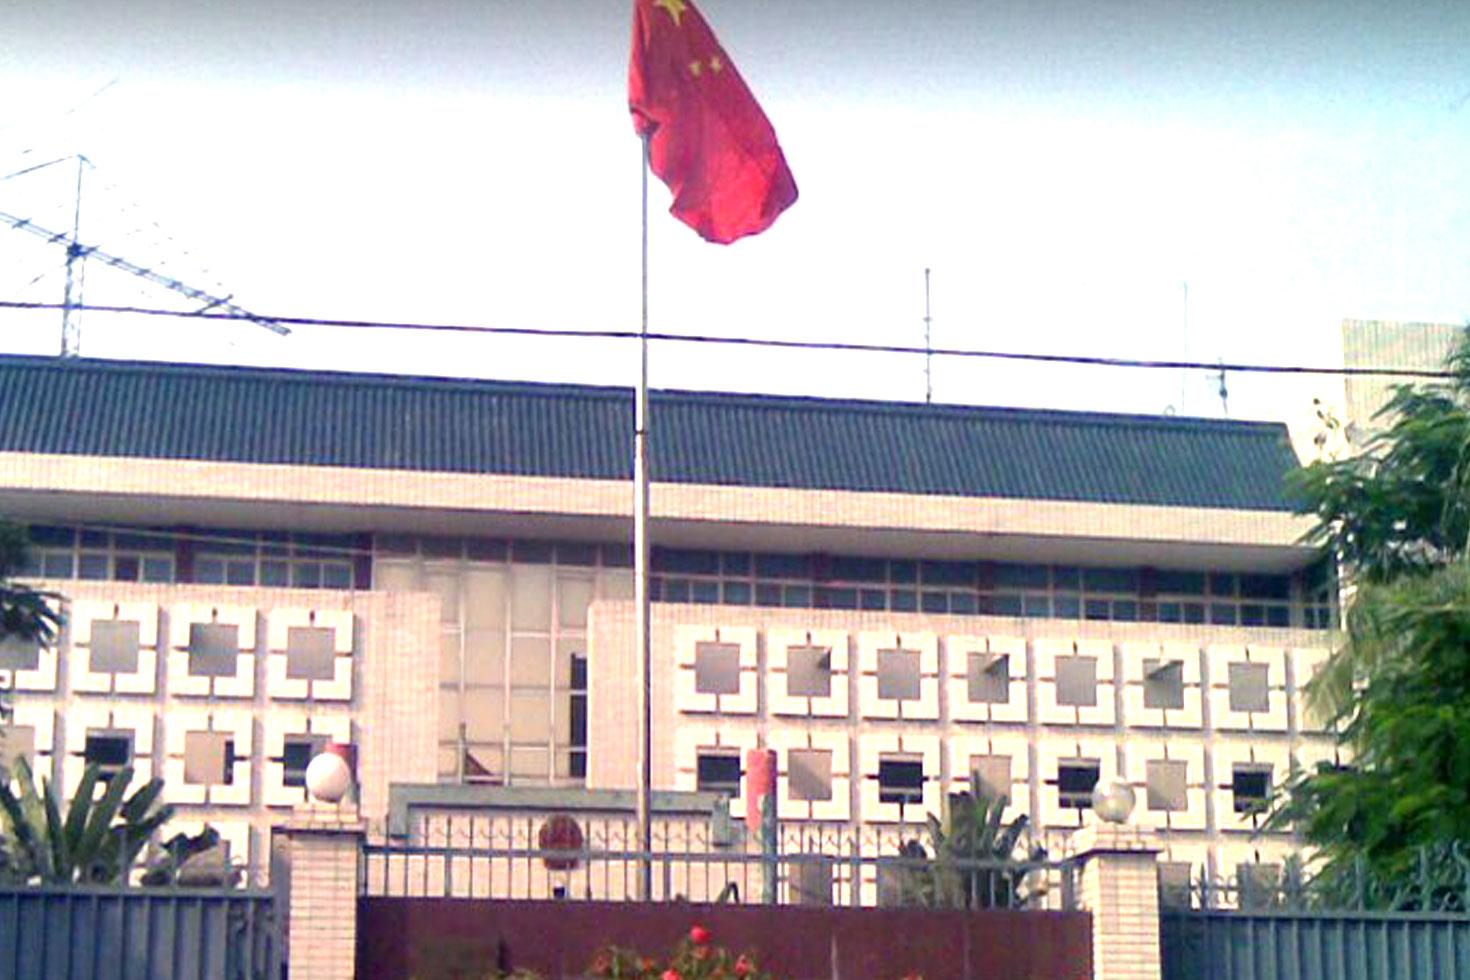 ফুল-কেক নিয়ে চীনের দূতাবাসে বিএনপি